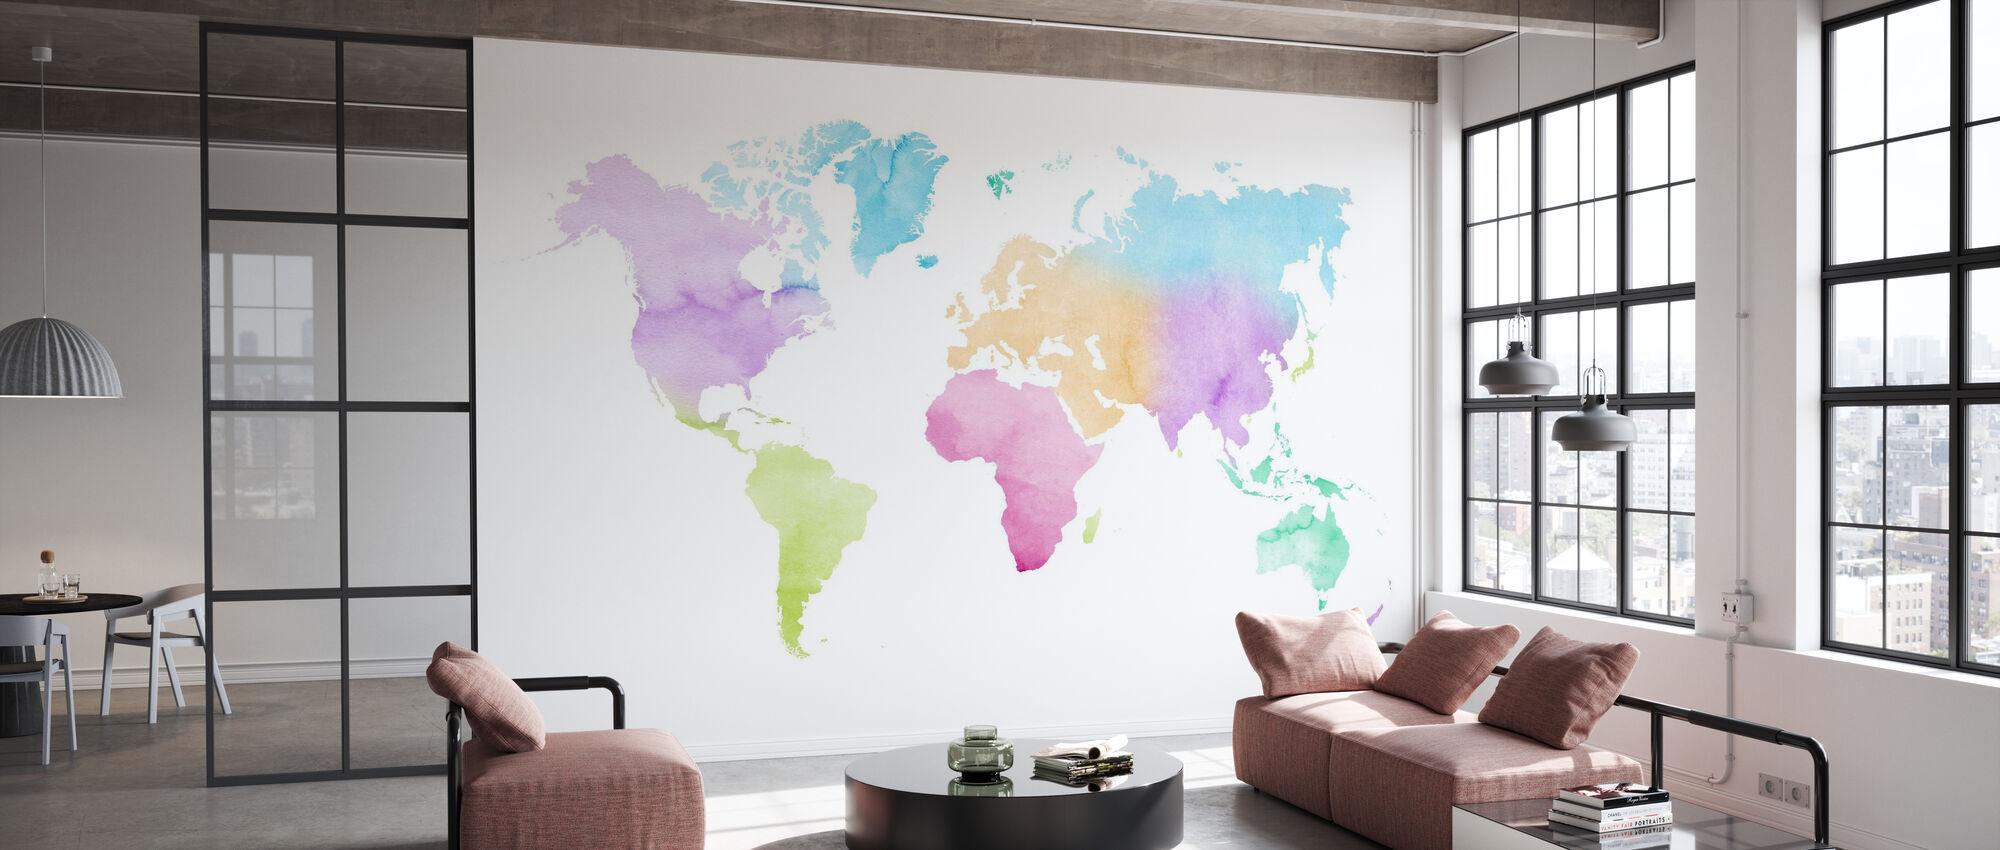 Watercolor World Multicolored - Wallpaper - Office